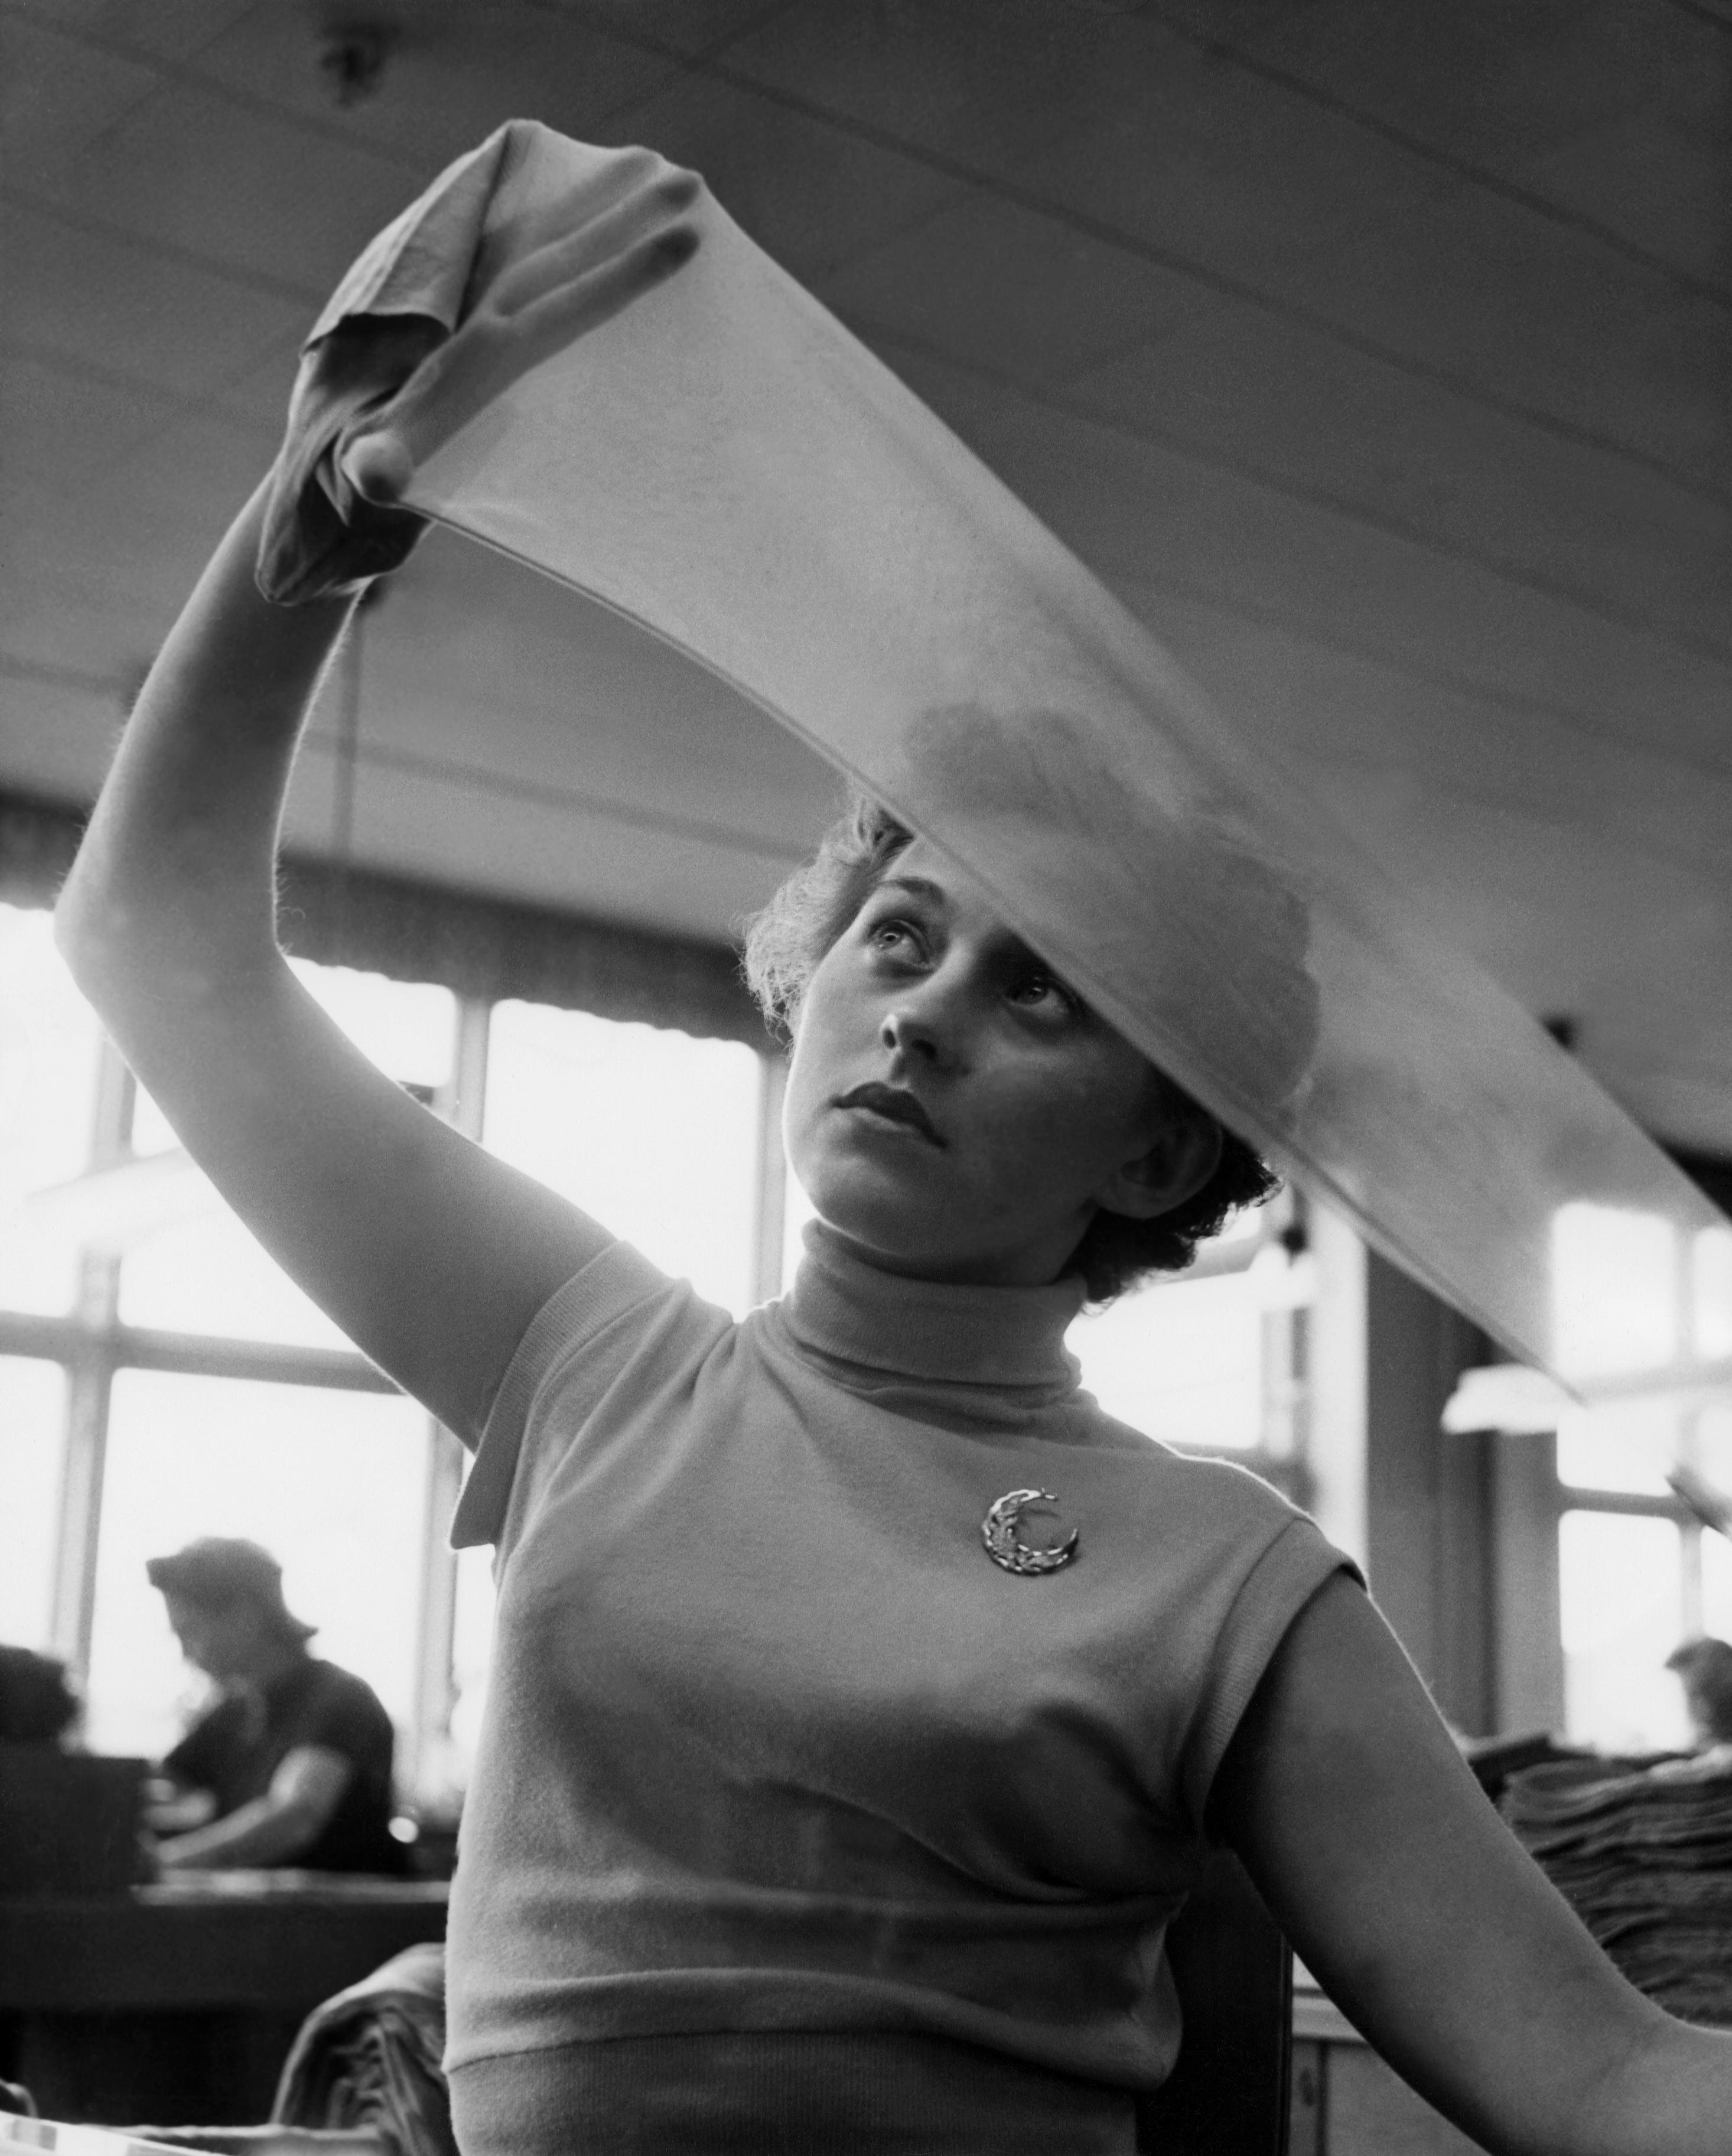 NMA.0028271, Fashion Photo by Erik Liljeroth 1954.jpg